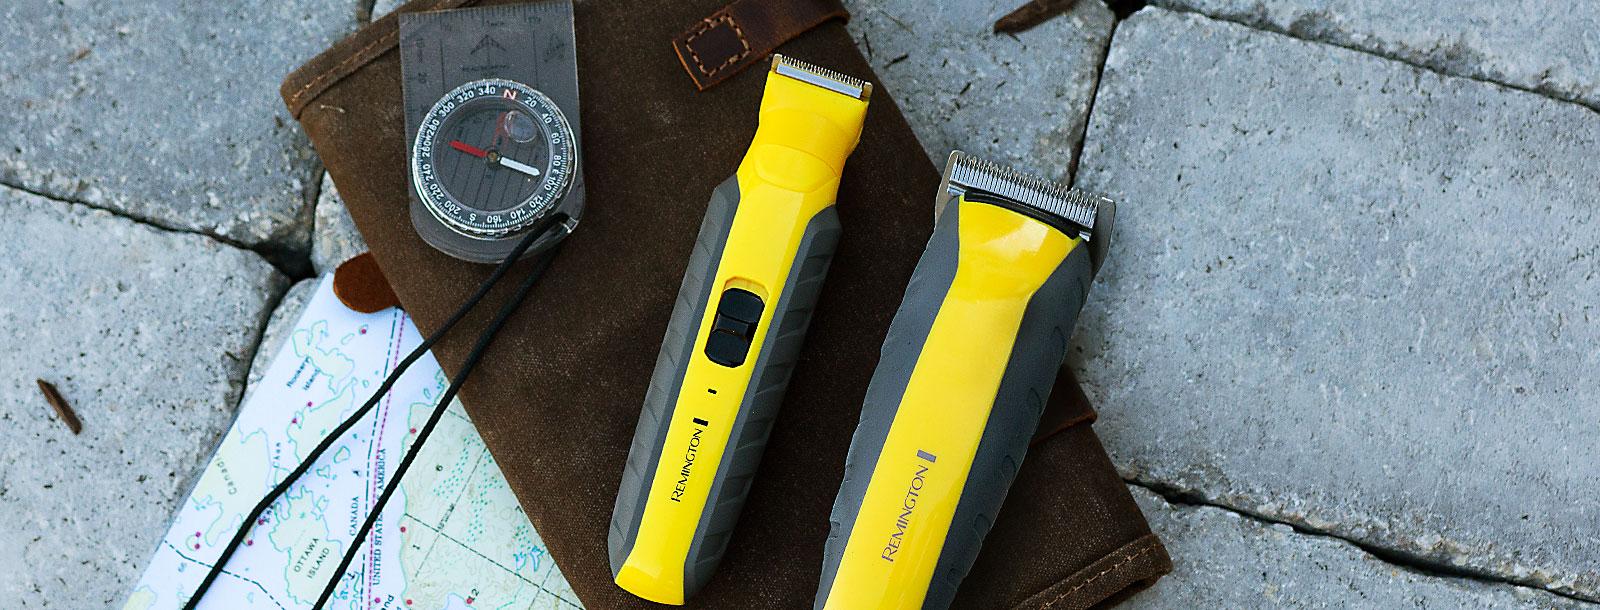 Dos máquinas de afeitar Remington Indestructible sobre bolsa de cuero, mapa y brújula.